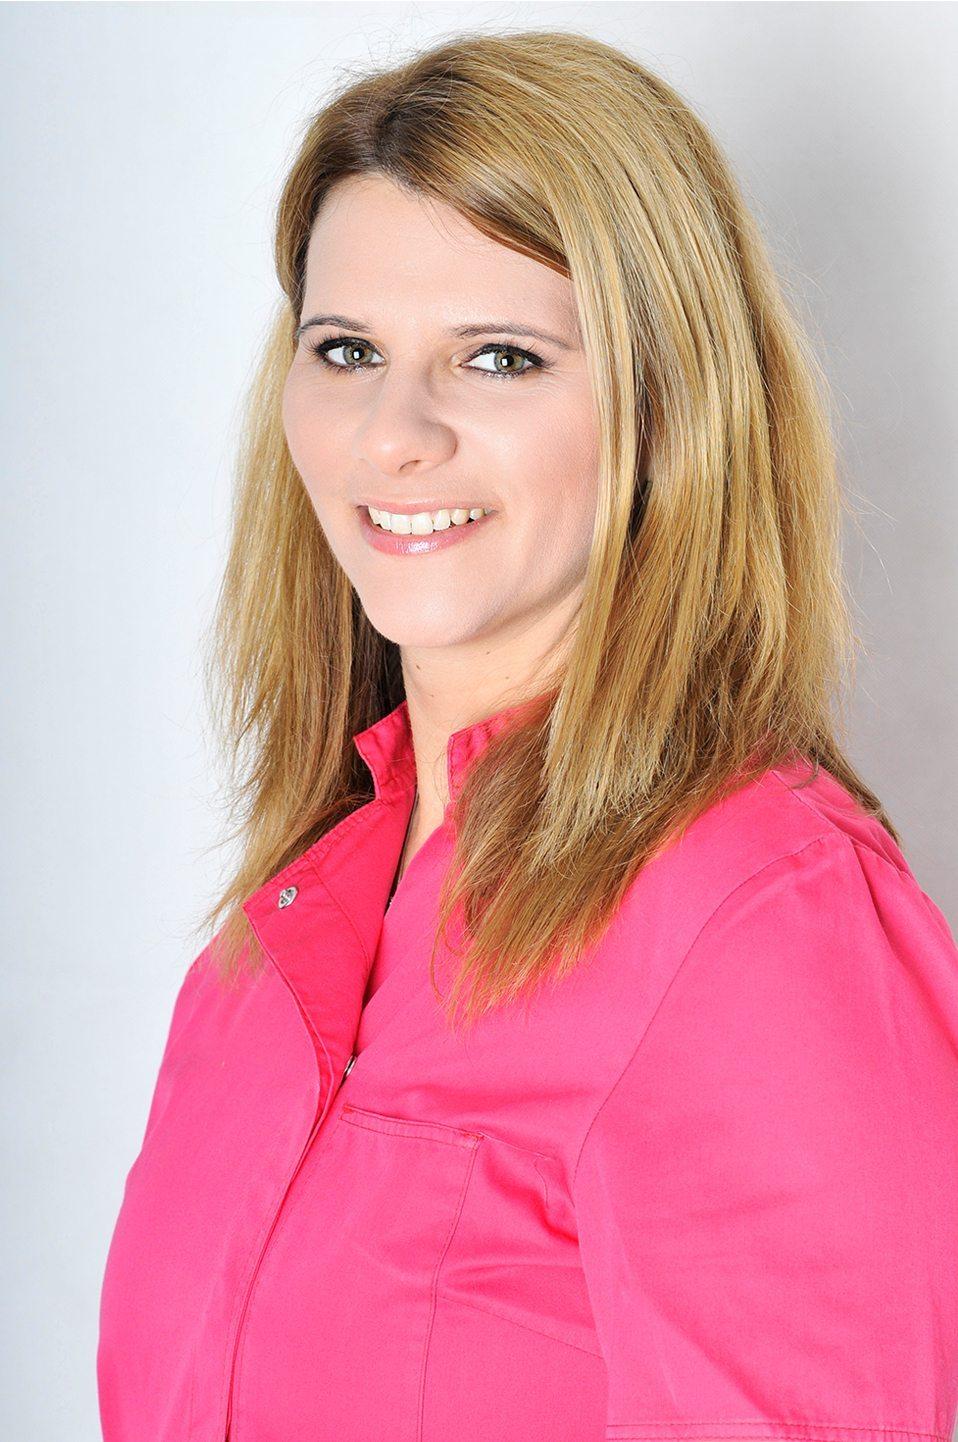 Dr. Gabriella Kalmár Zahnärztin Fachärztin für dentoalveoläre Chirurgie Spezialität: Implantologie, Oralchirurgie, Zahnersatz